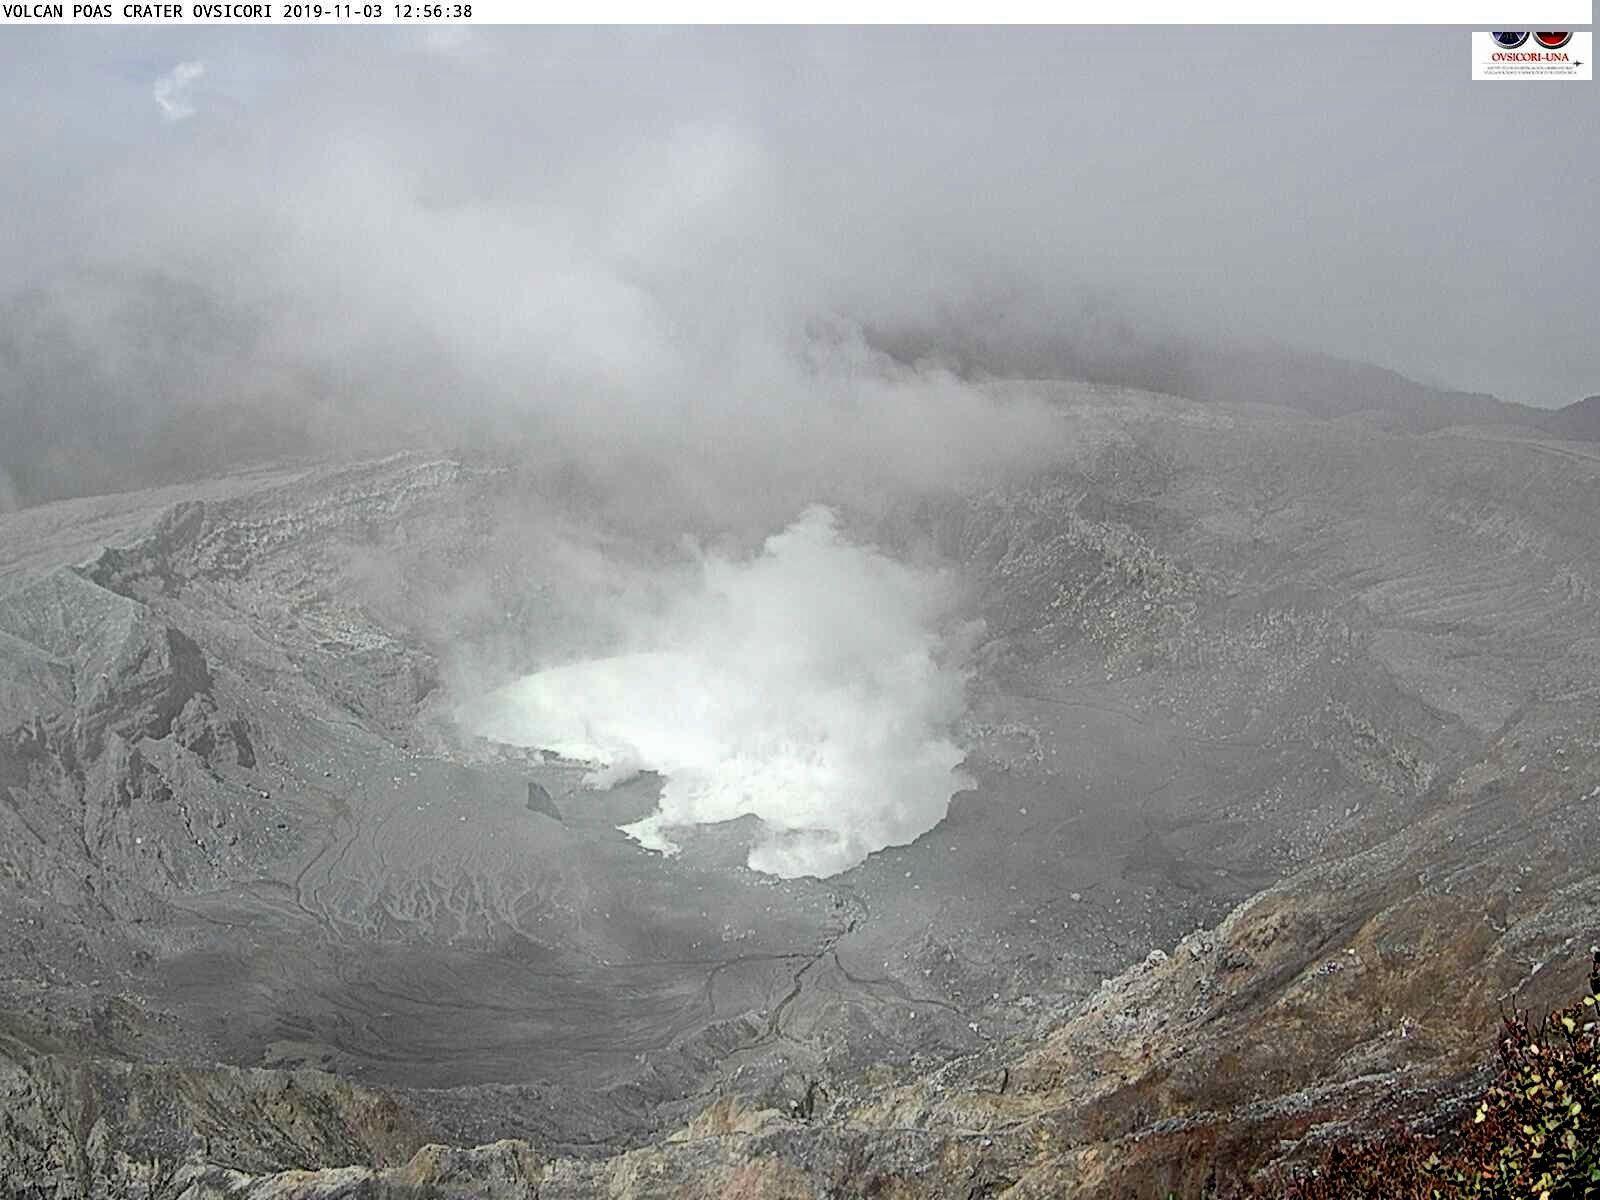 Poas - 03.11.2019 / 12h56 -  le lac se remplit peu à peu , avec une diminution des fumerolles - mauvaise visibilité due aux intempéries - webcam Ovsicori